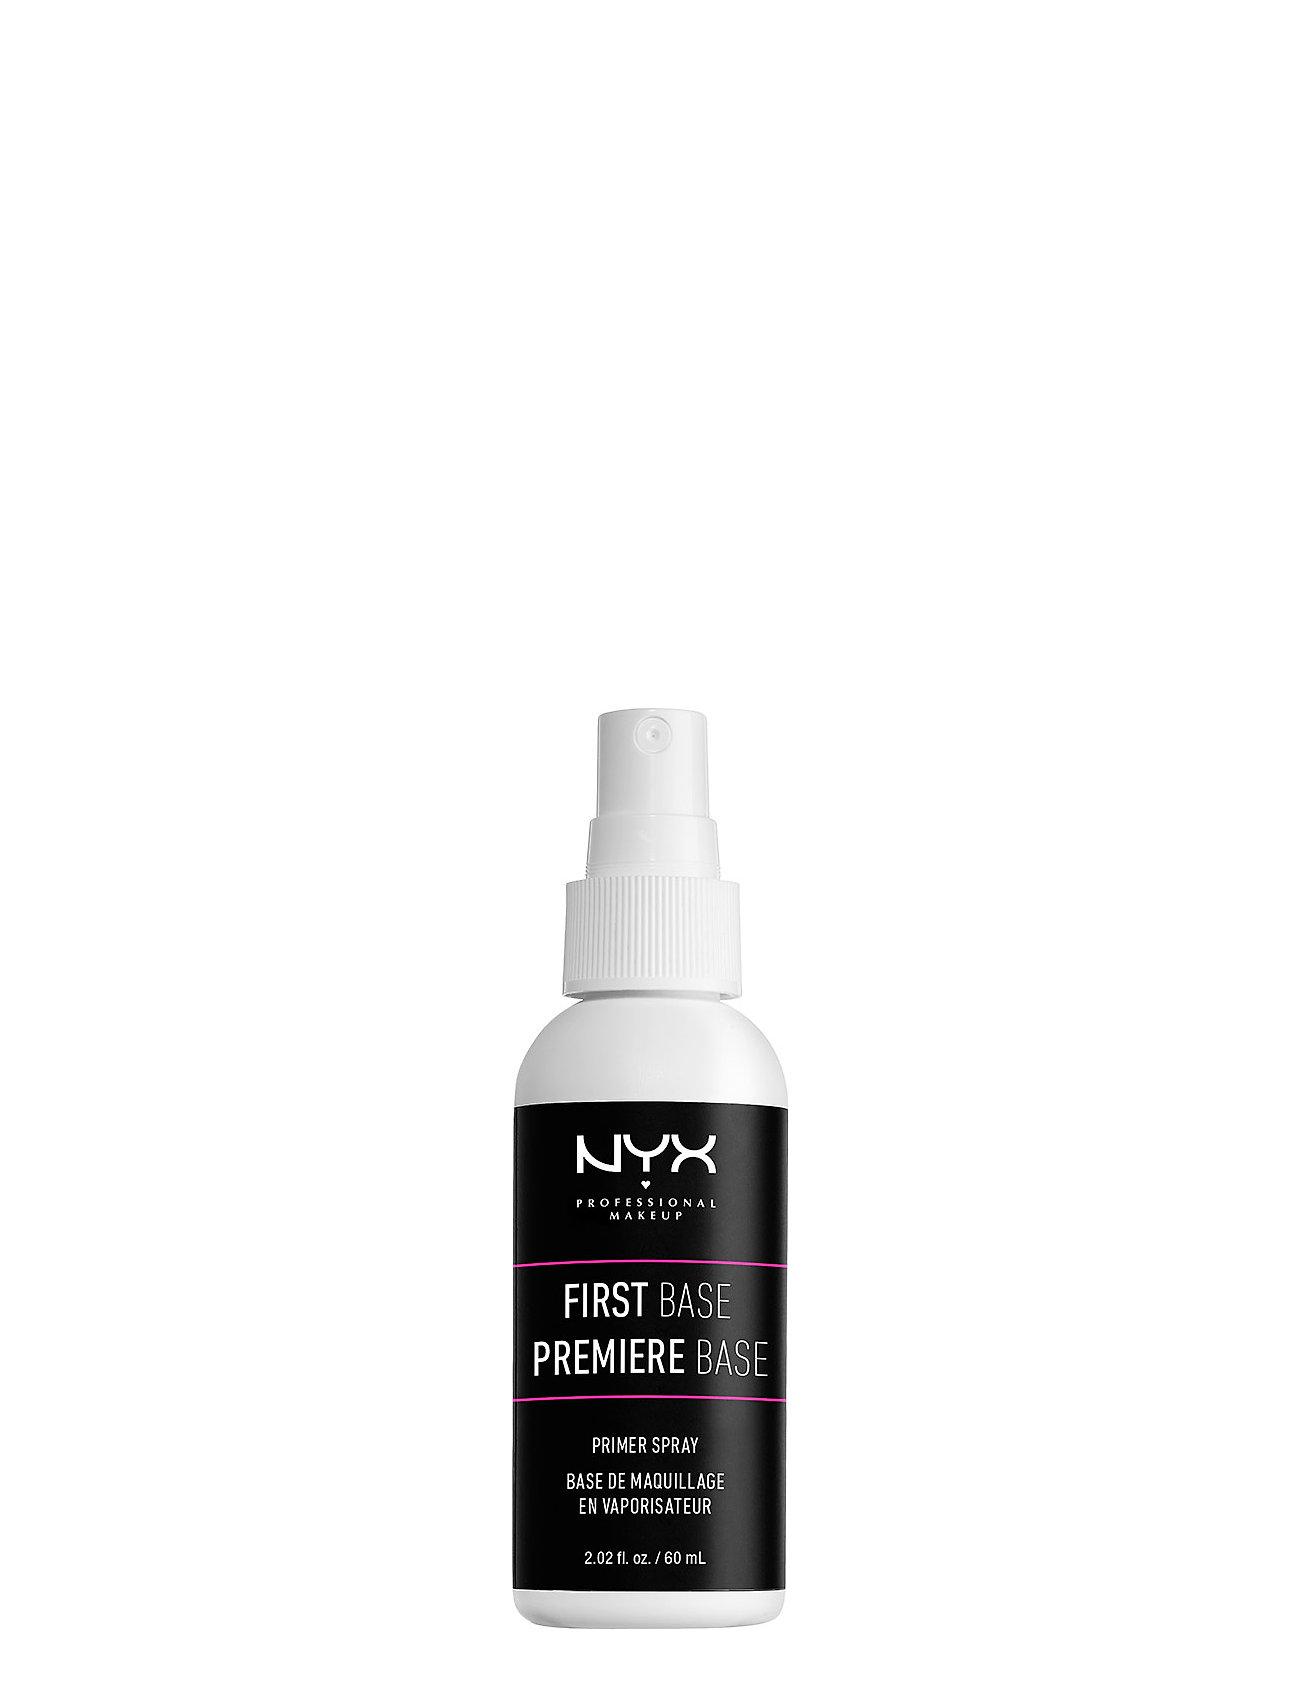 Image of First Base Makeup Primer Spray Makeupprimer Makeup Multi/mønstret NYX PROFESSIONAL MAKEUP (3414619241)